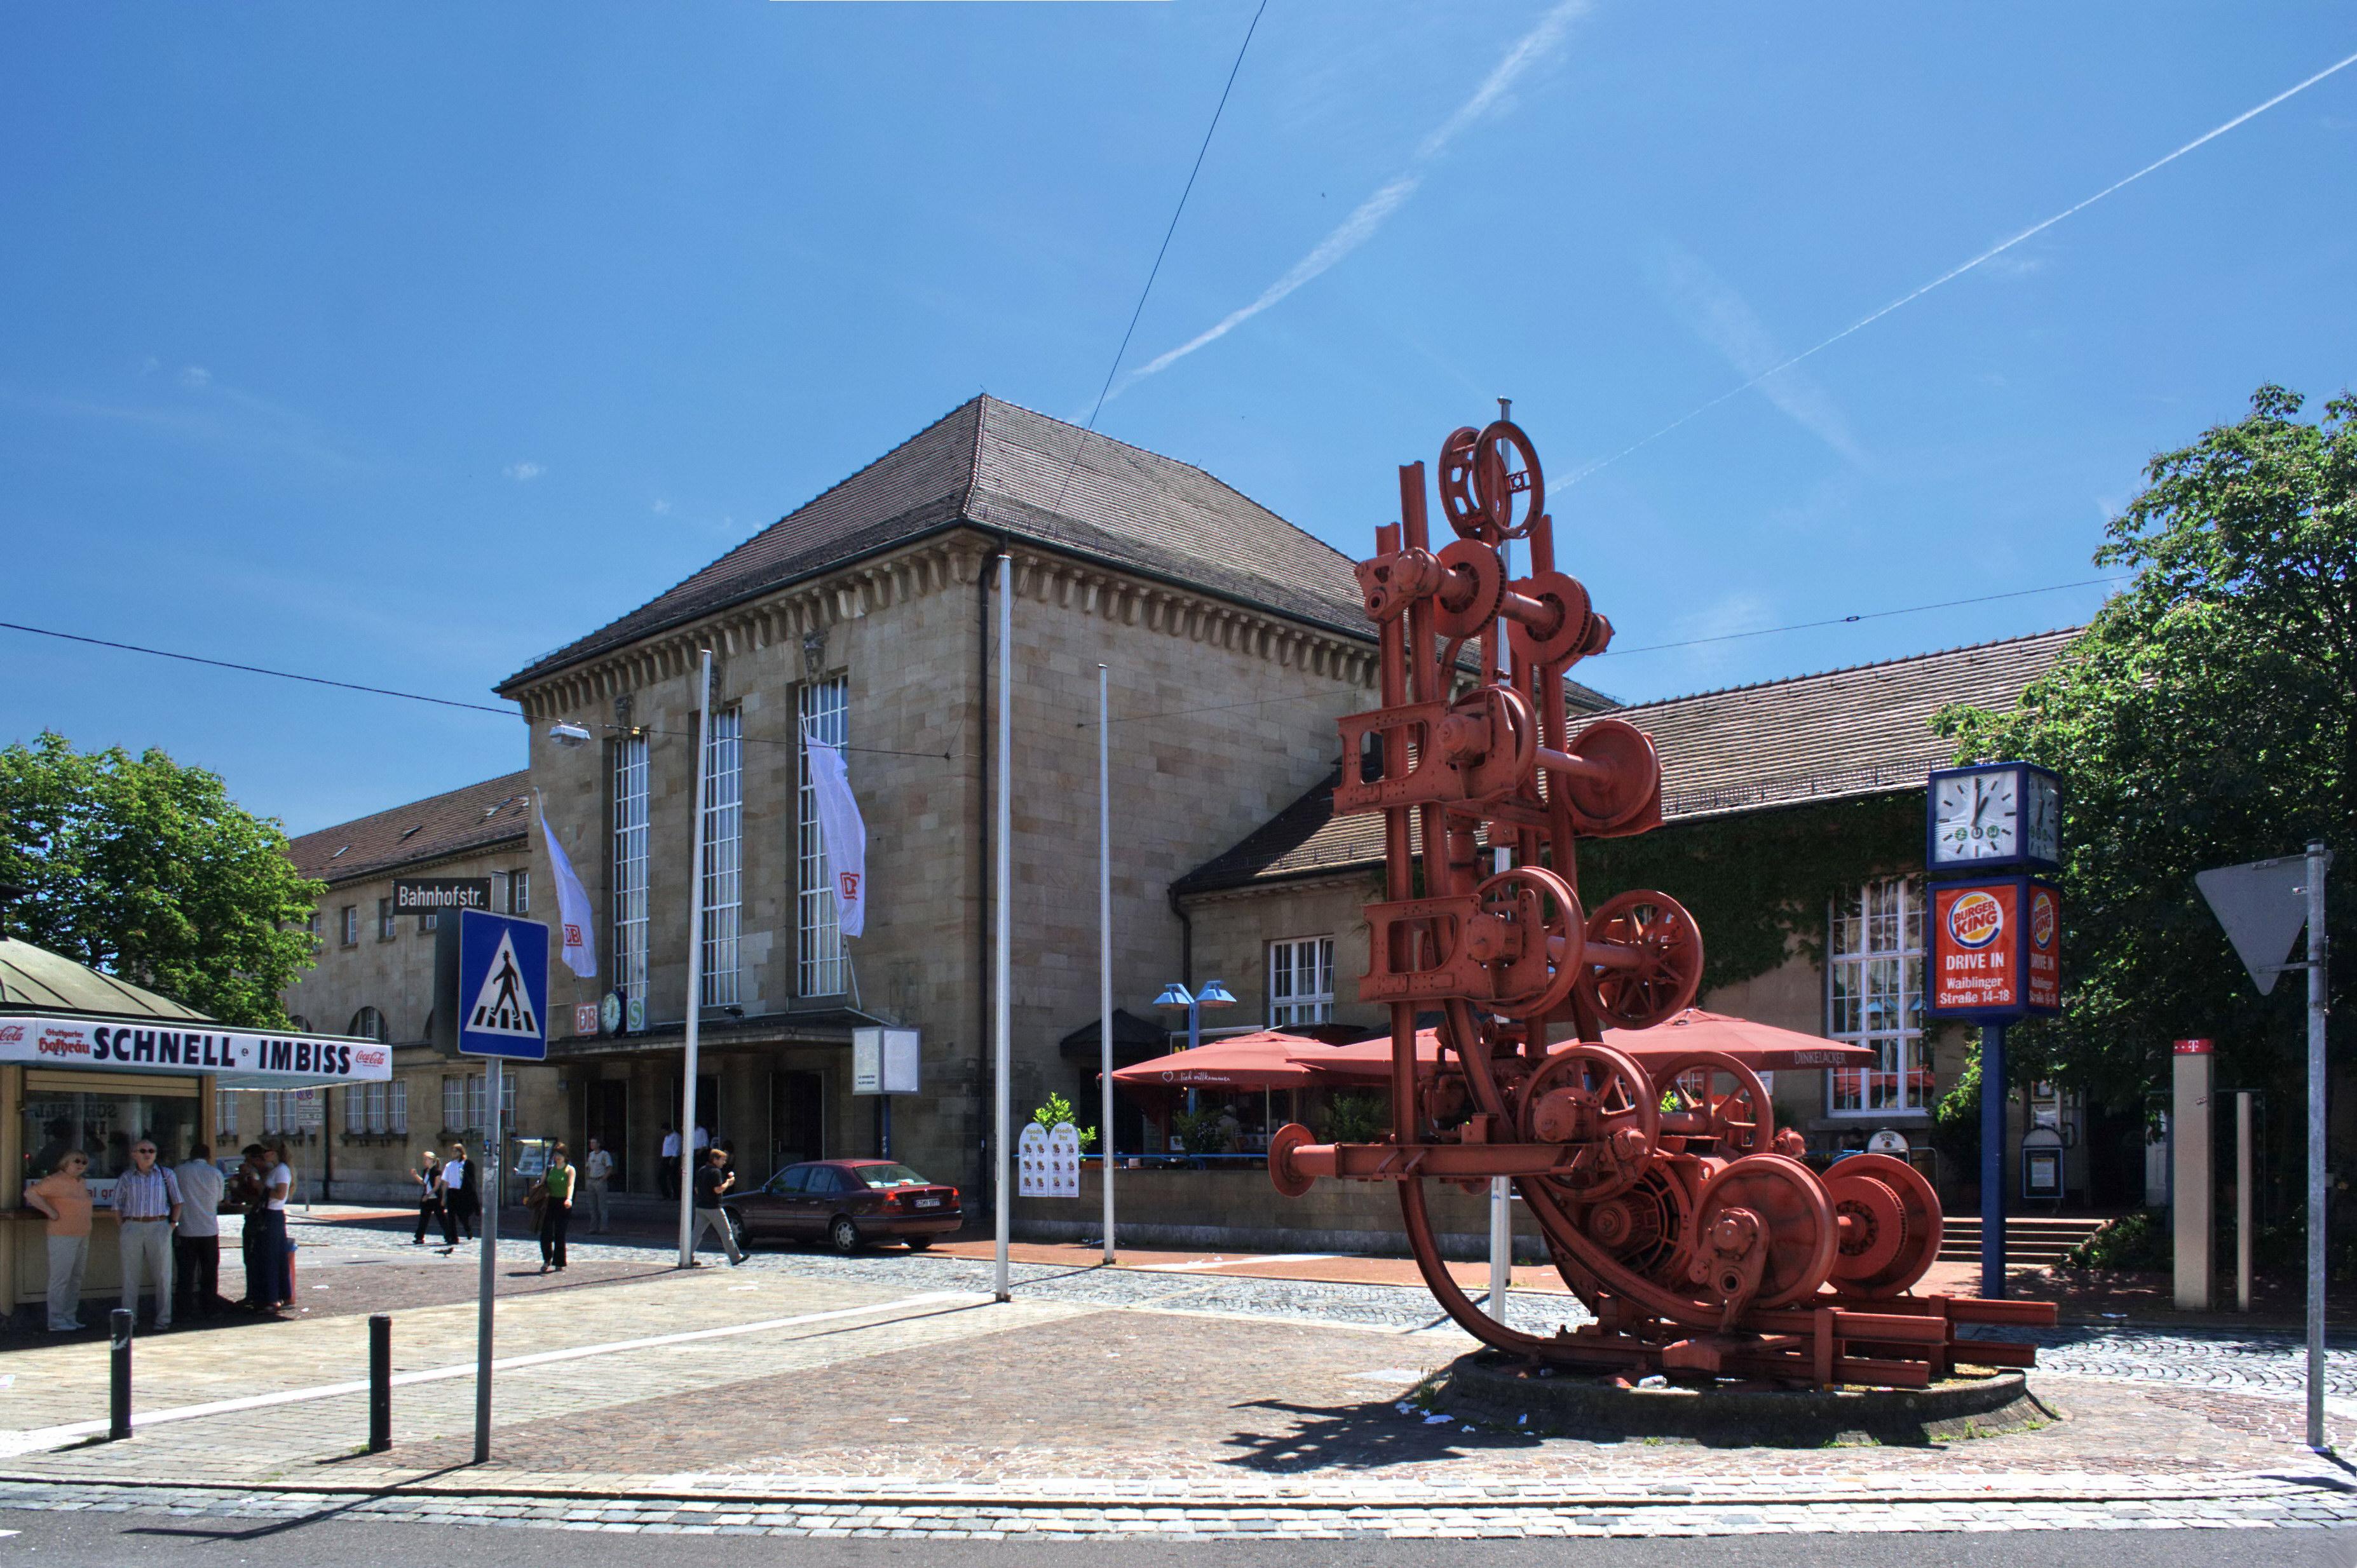 File:Bahnhof Bad Cannstadt.jpg - Wikimedia Commons